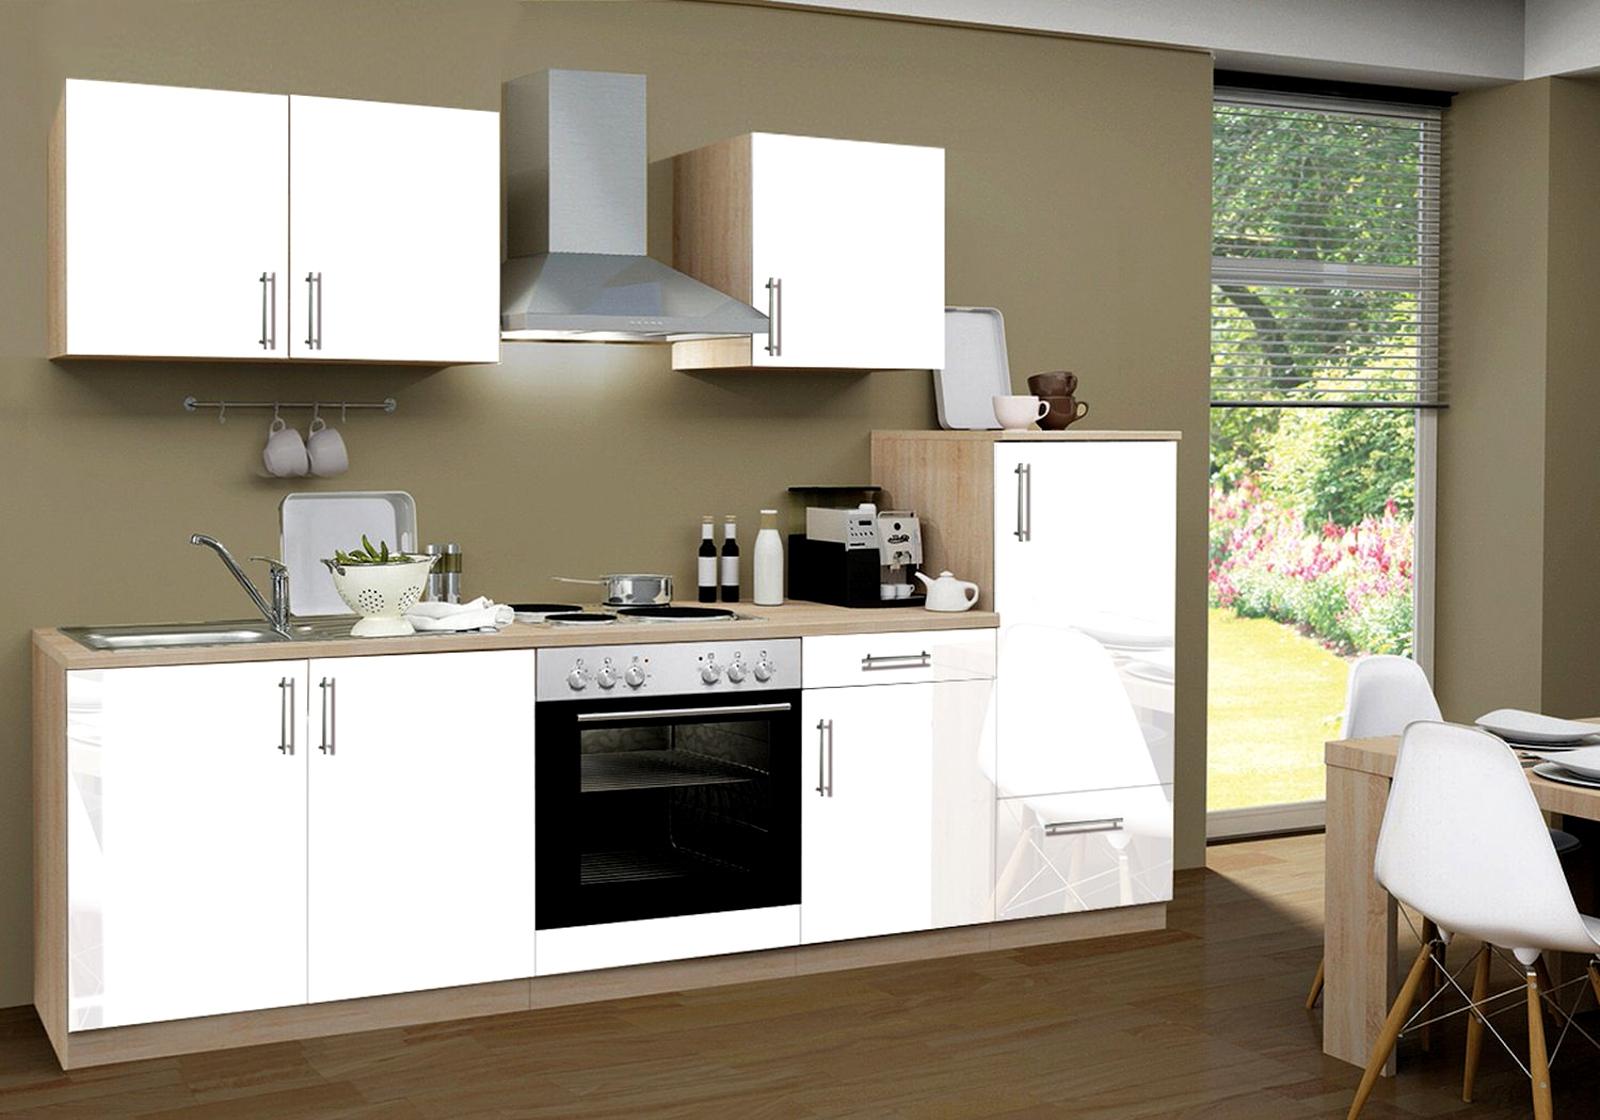 270 breit cool elegantes cm breit in bezug auf diy selbst gestalten mit neu design with 270. Black Bedroom Furniture Sets. Home Design Ideas